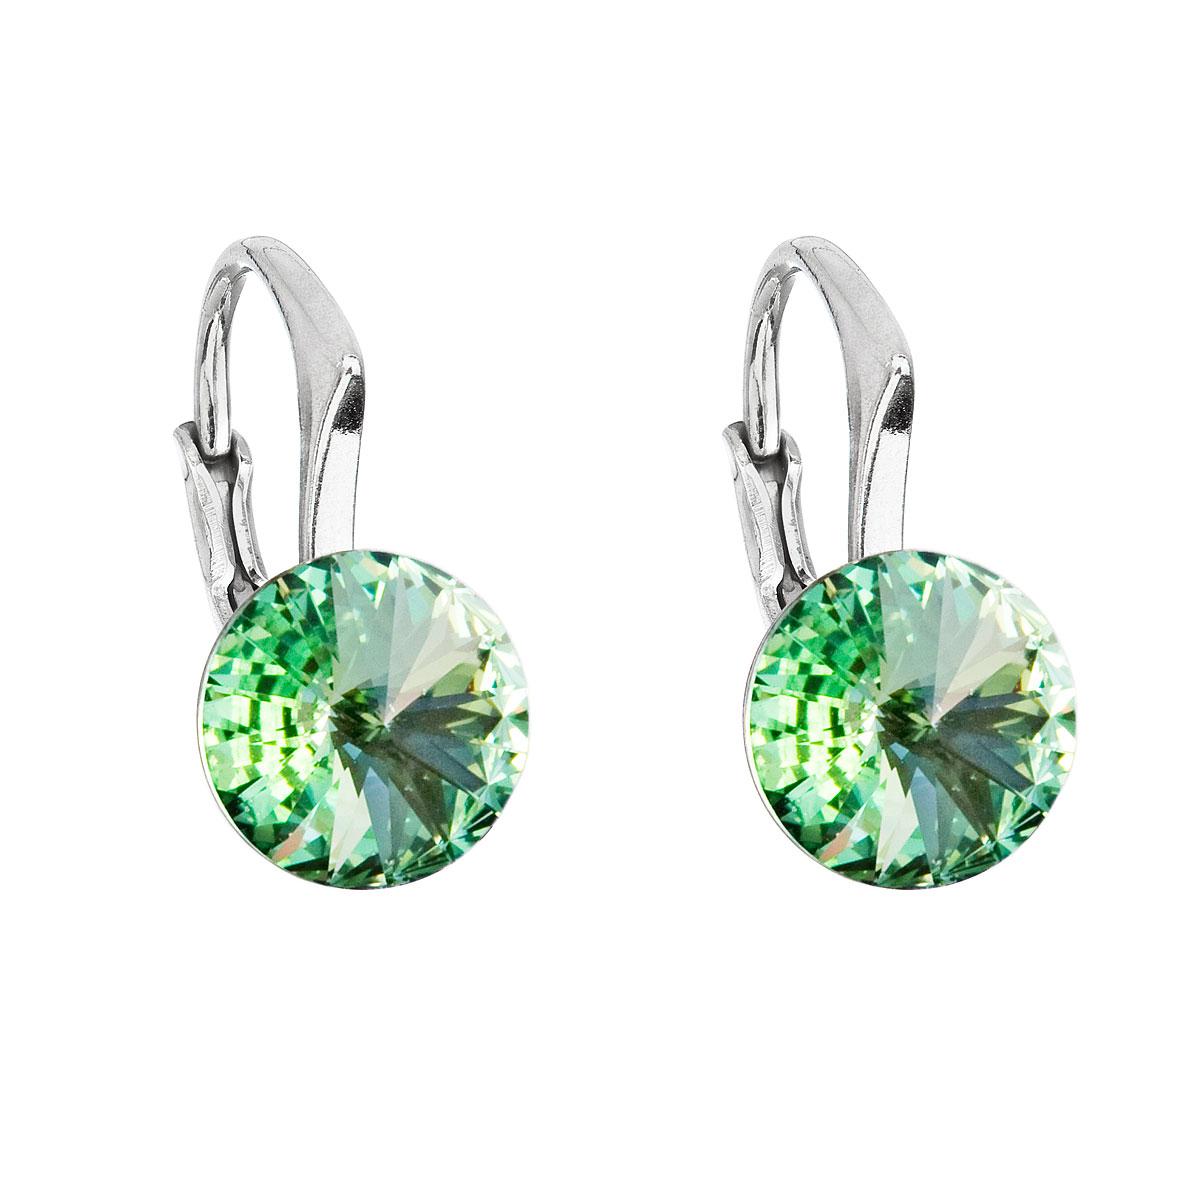 Evolution Group Stříbrné náušnice visací s krystaly Swarovski zelené kulaté 31229.3 chrysolite